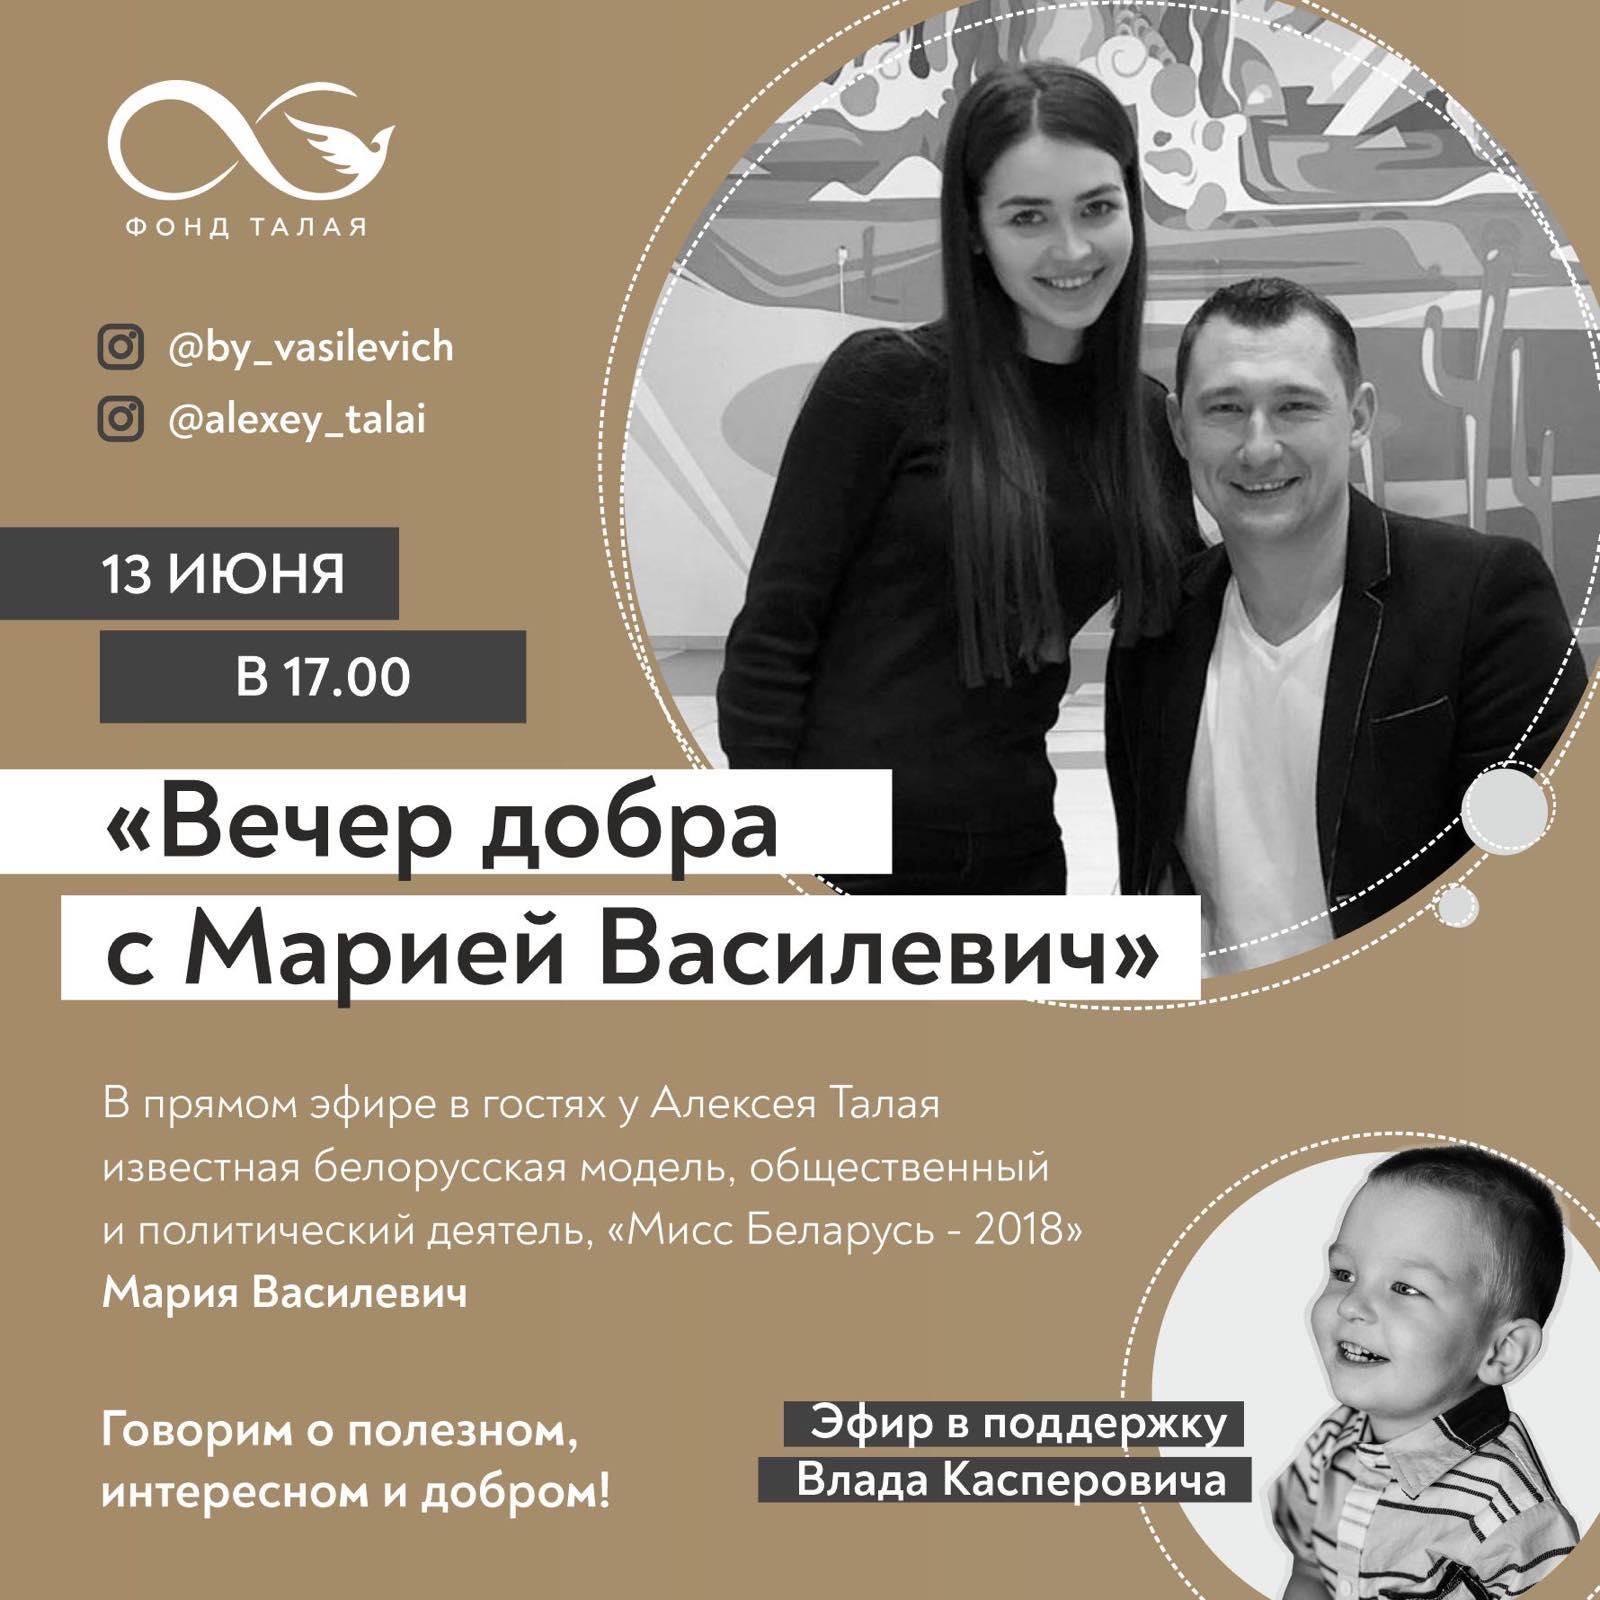 13 июня в 17:00 пройдет прямой эфир Алексея Талай и Марии Василевич! Эфир пройдет в поддержку Влада Касперовича.